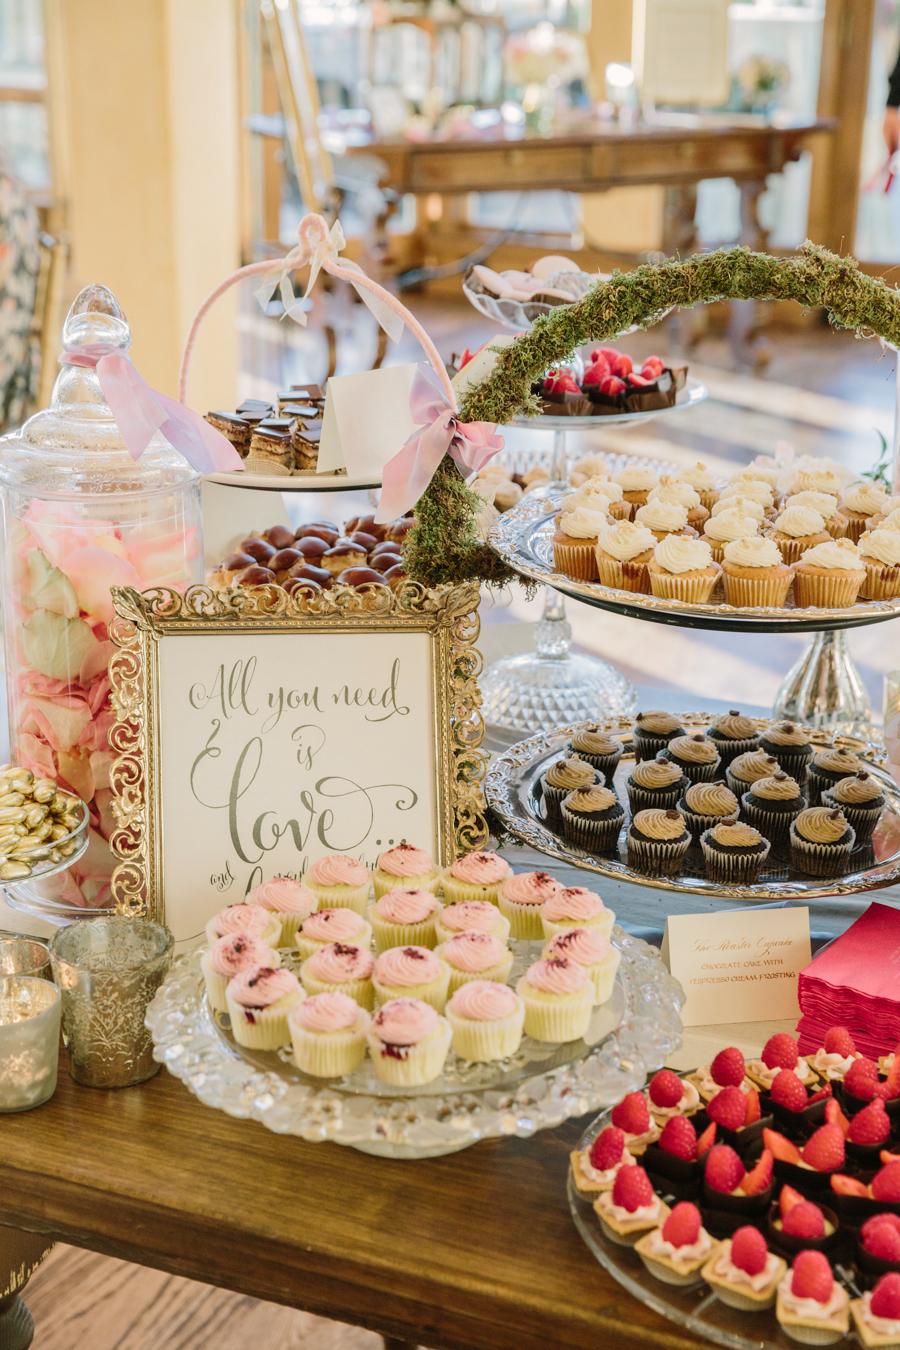 Wedding Dessert Table - Elizabeth Anne Designs: The ...